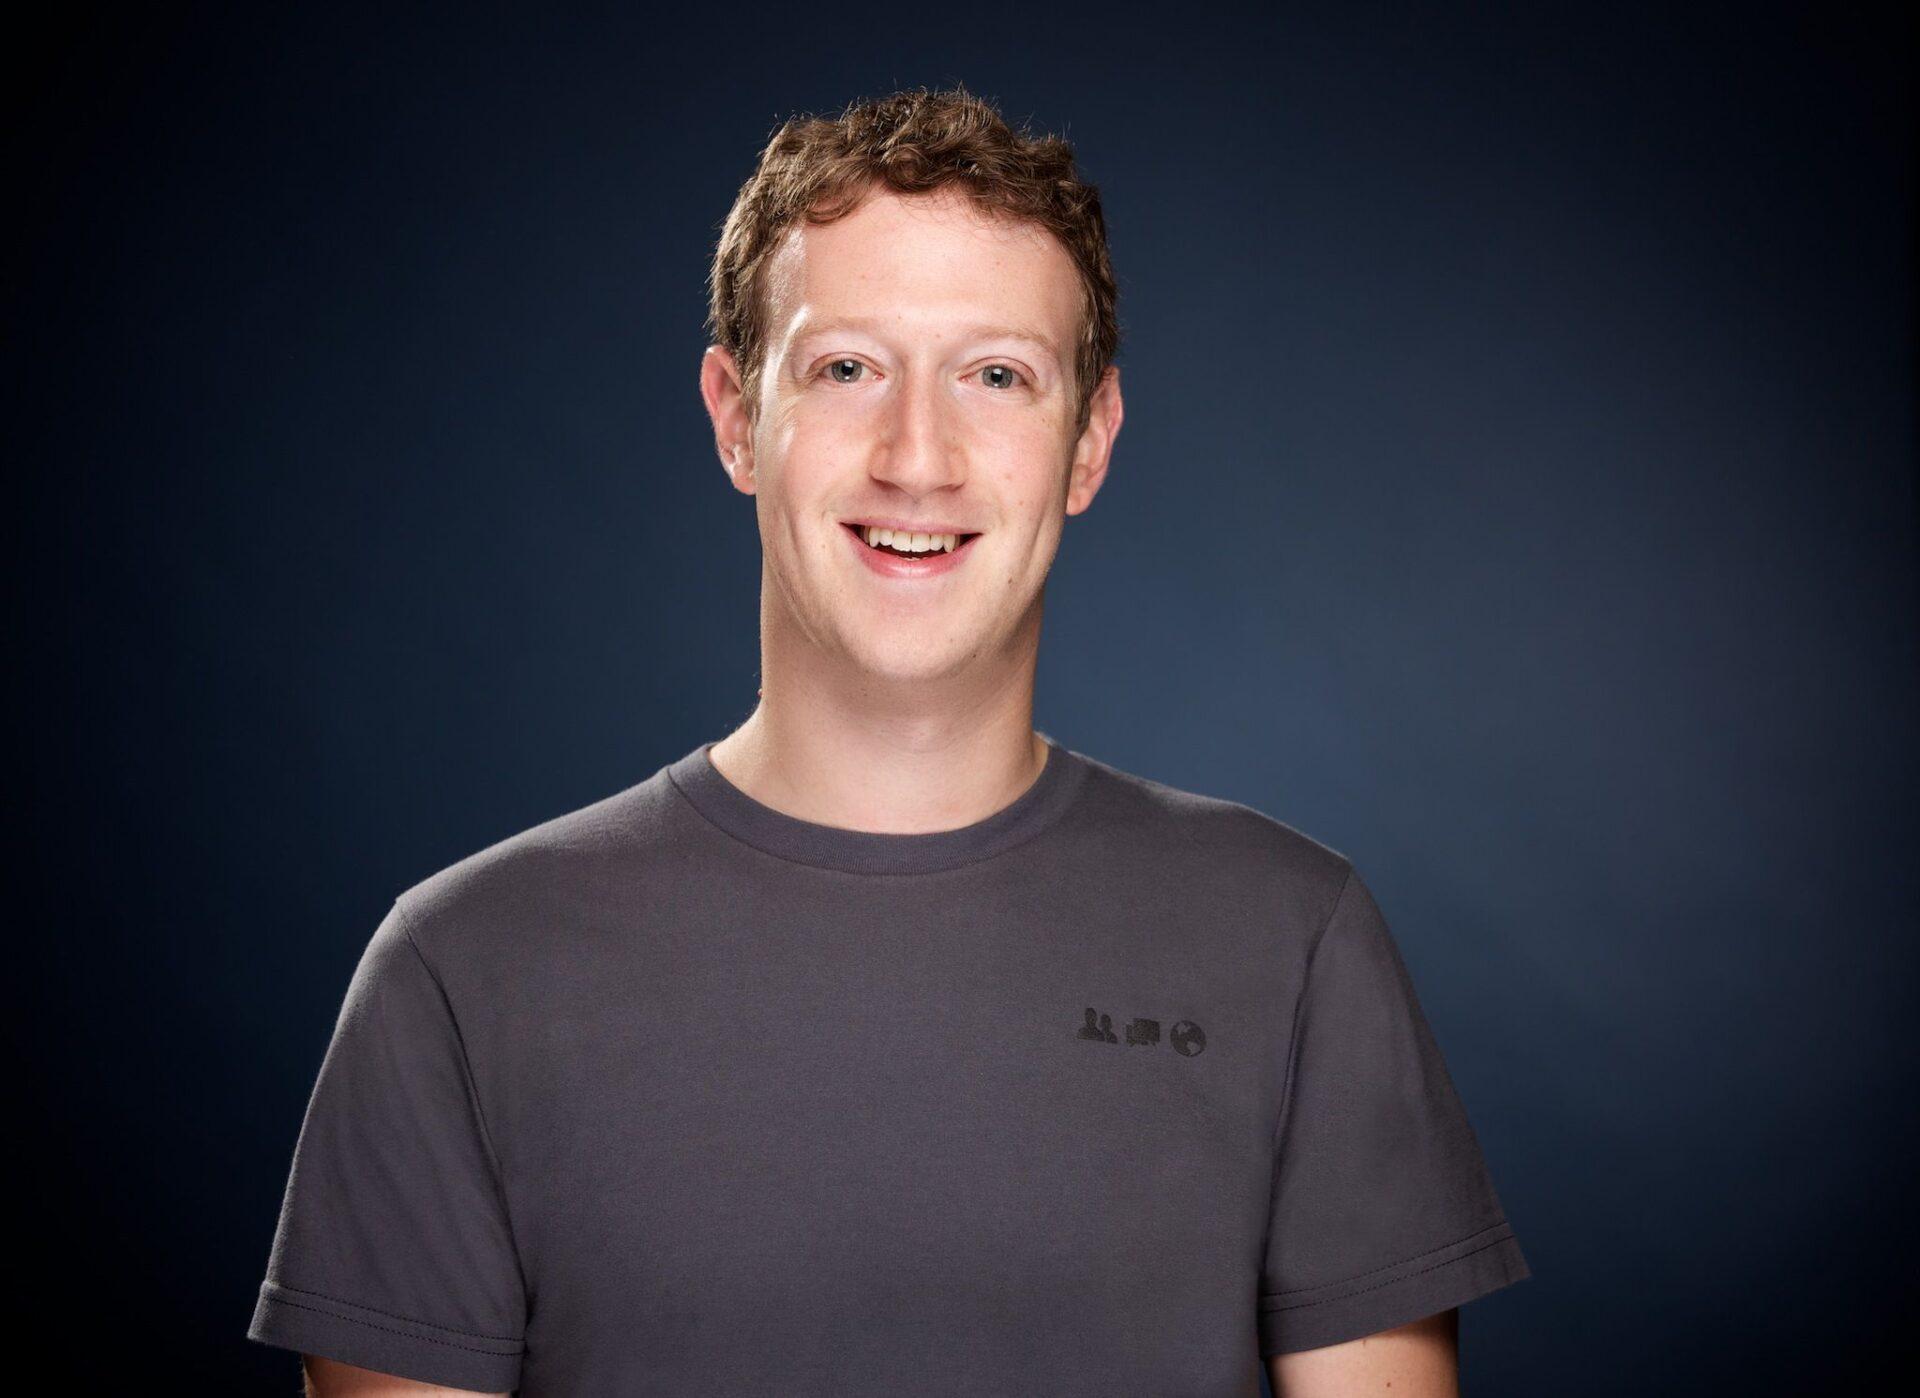 Facebook clocks 12